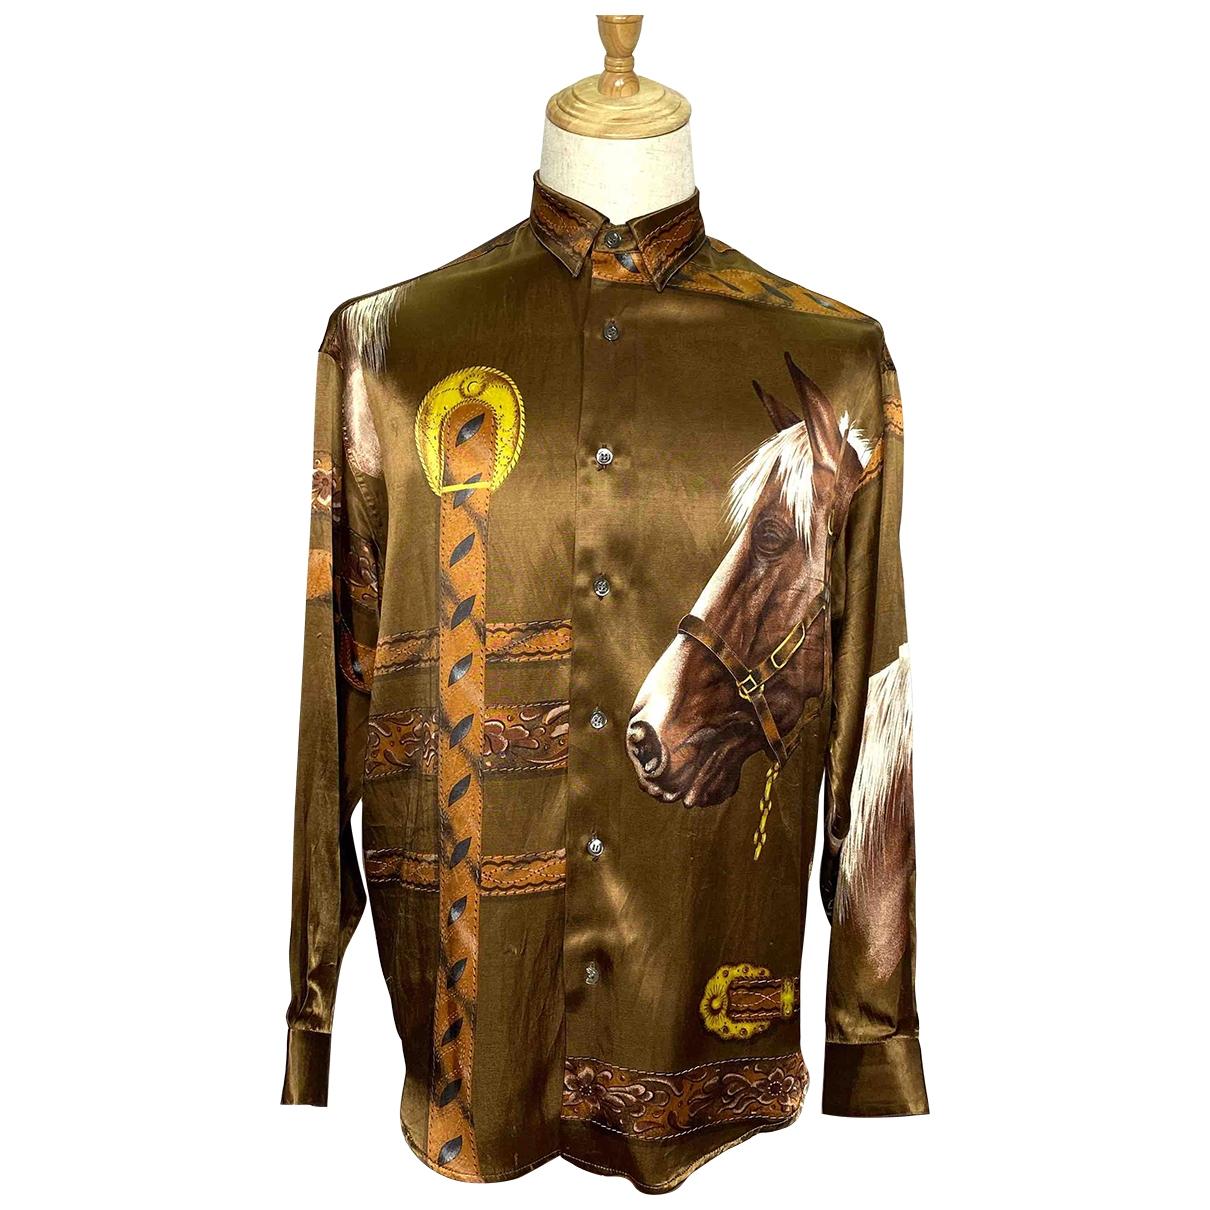 Byblos \N Brown Shirts for Men 40 EU (tour de cou / collar)